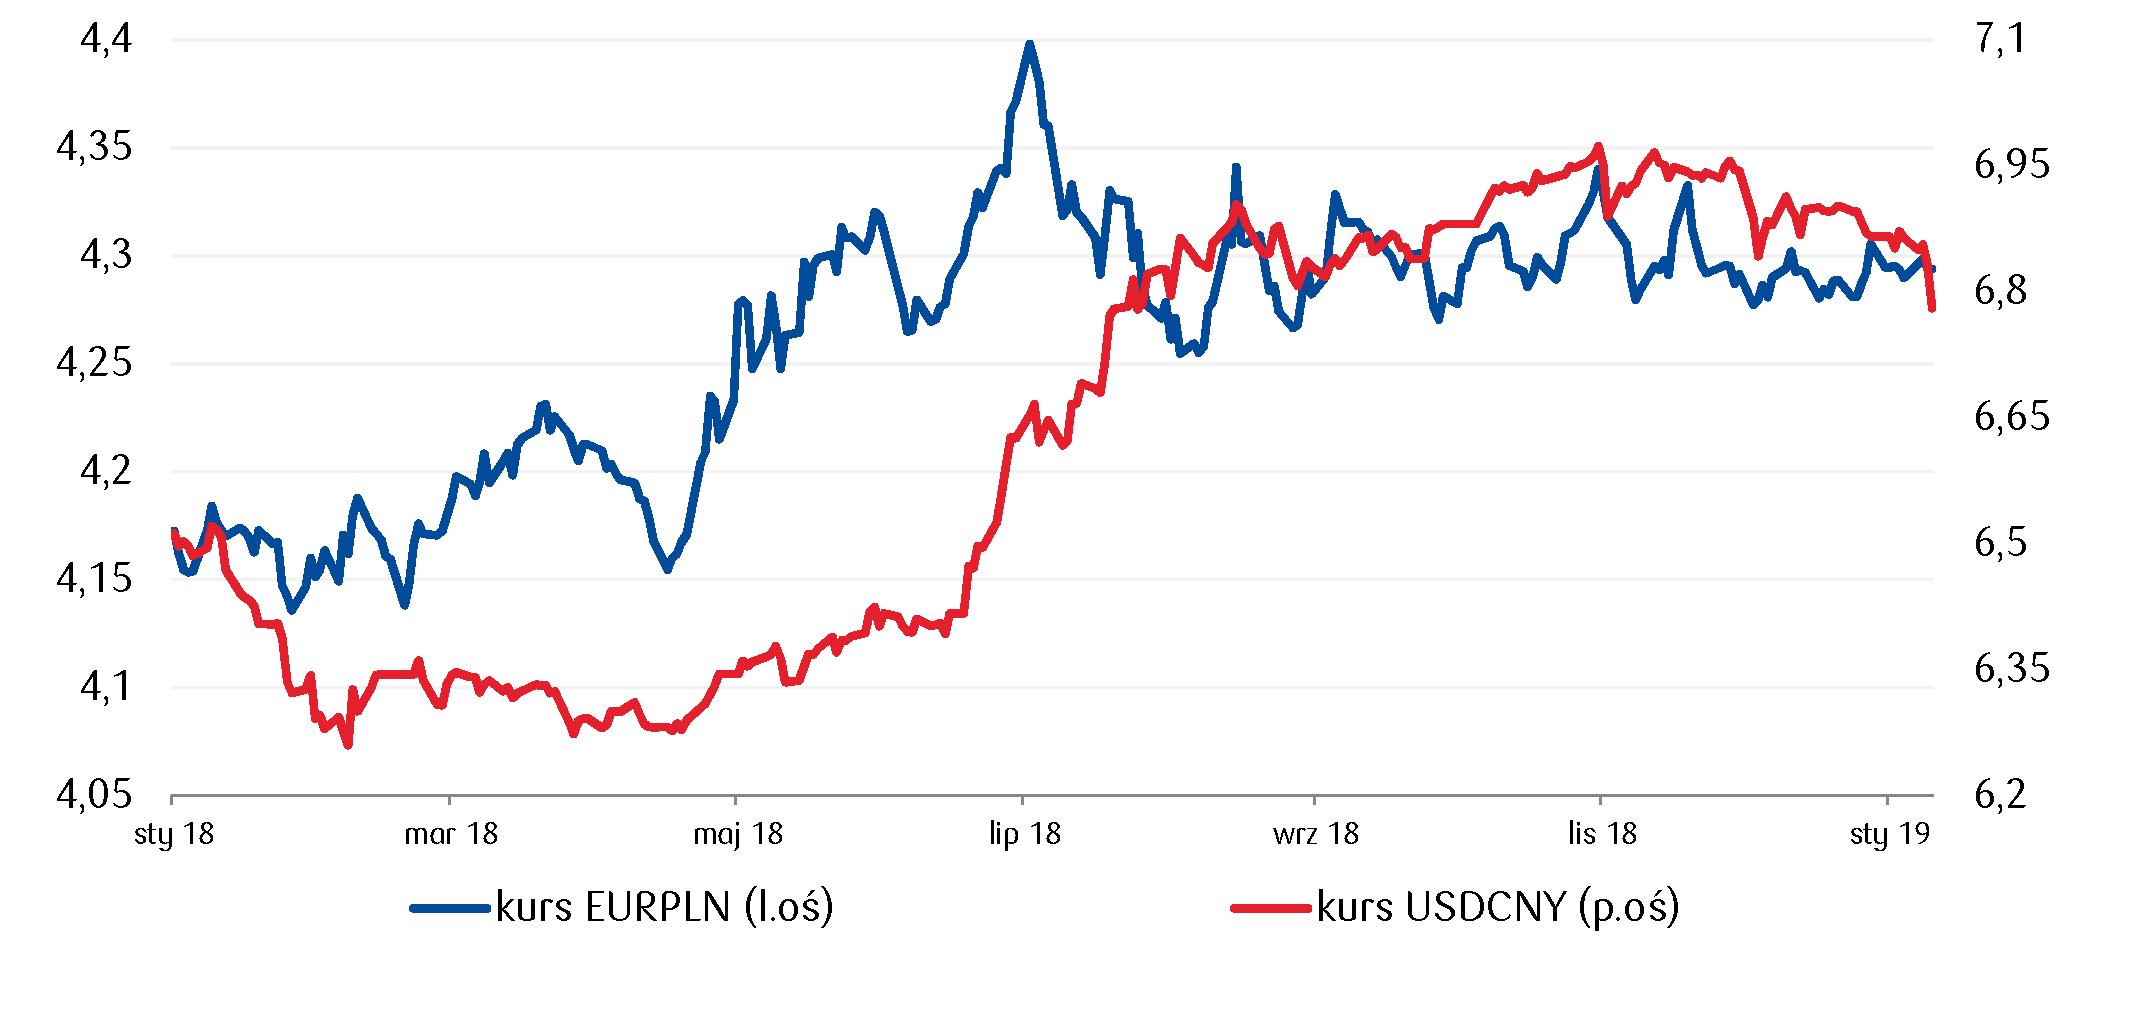 Chińska waluta zakończyła tydzień największym umocnieniem od lipca 2005 roku, co wspierało notowania złotego